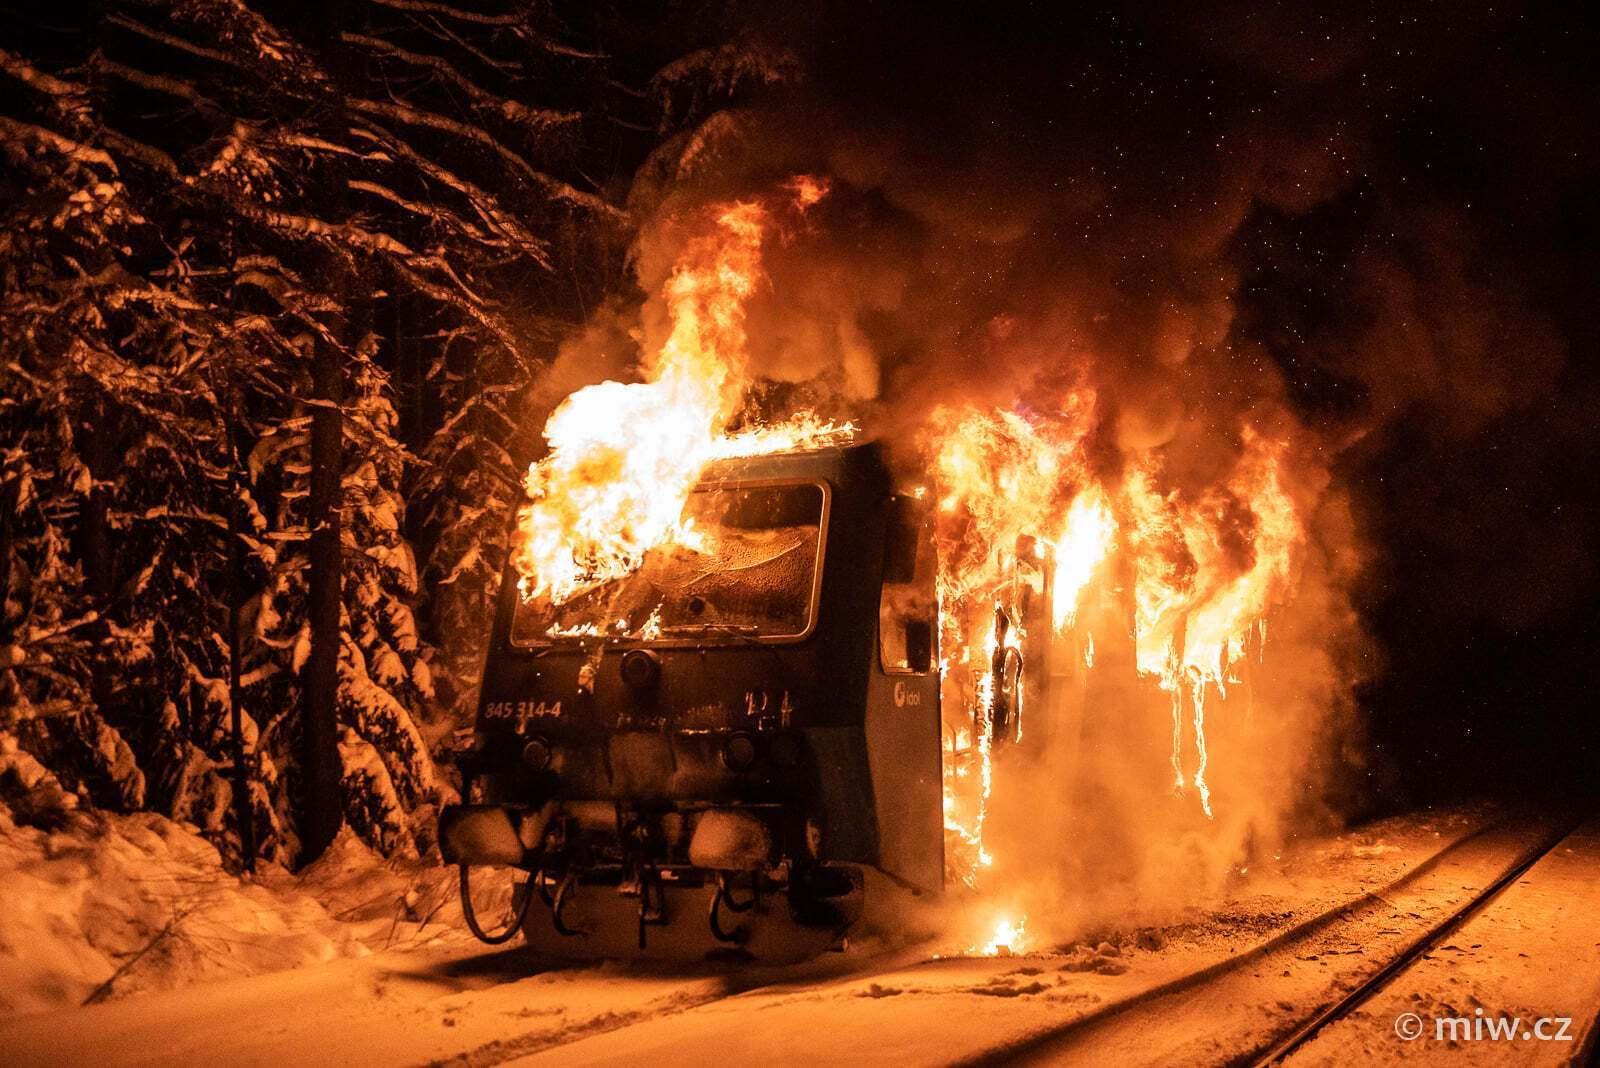 Вагон поезда в огне